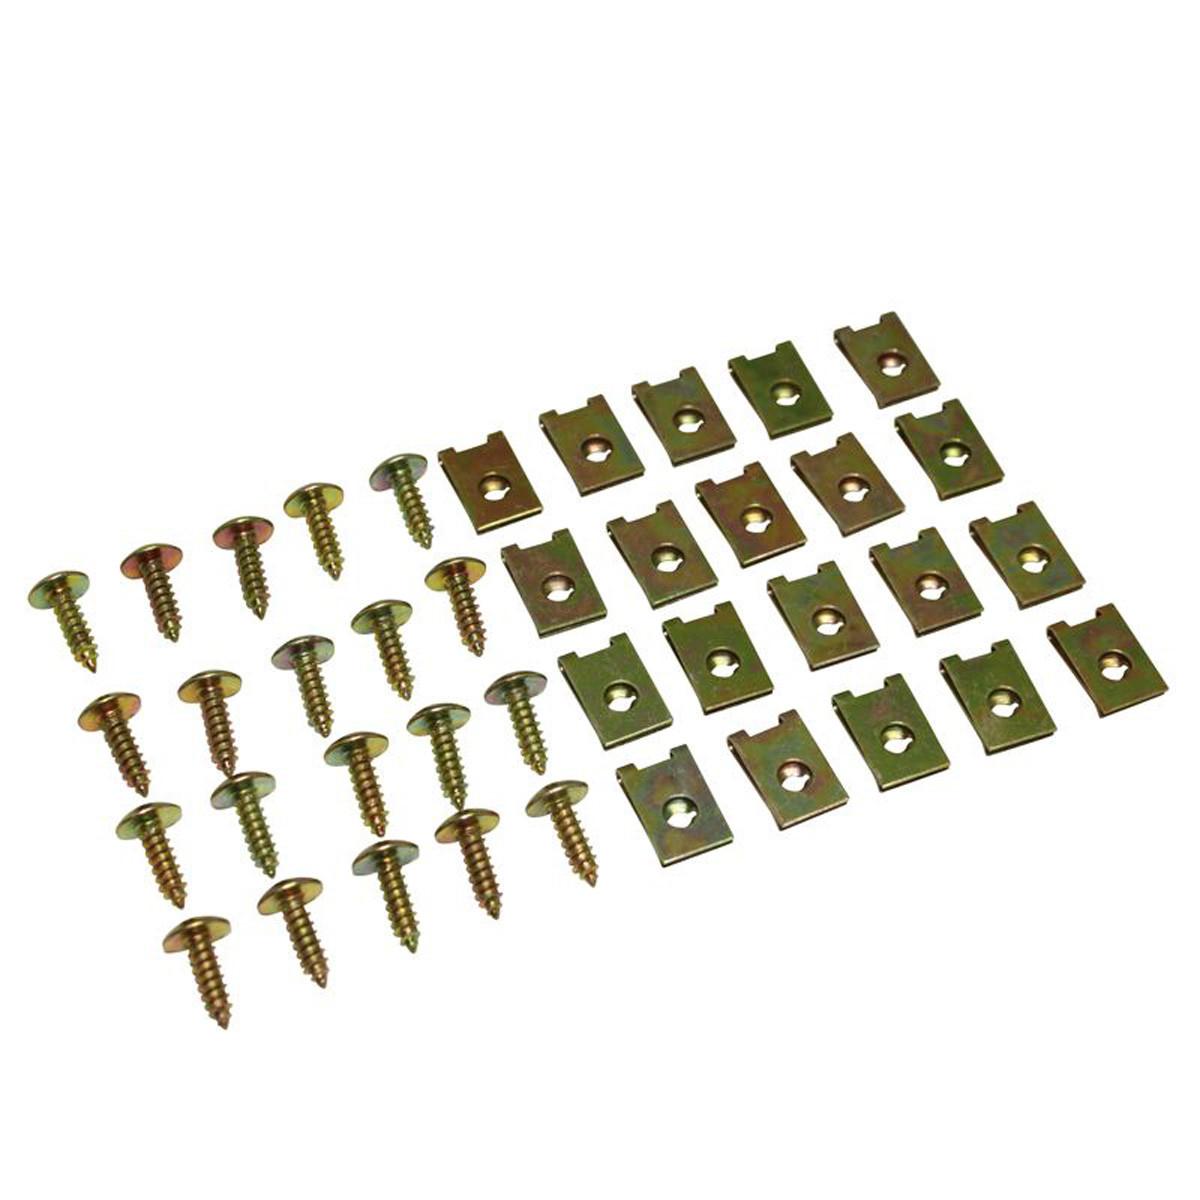 Jeu de 20 Vis & Agrafes pour Carrosserie - D.5x15mm